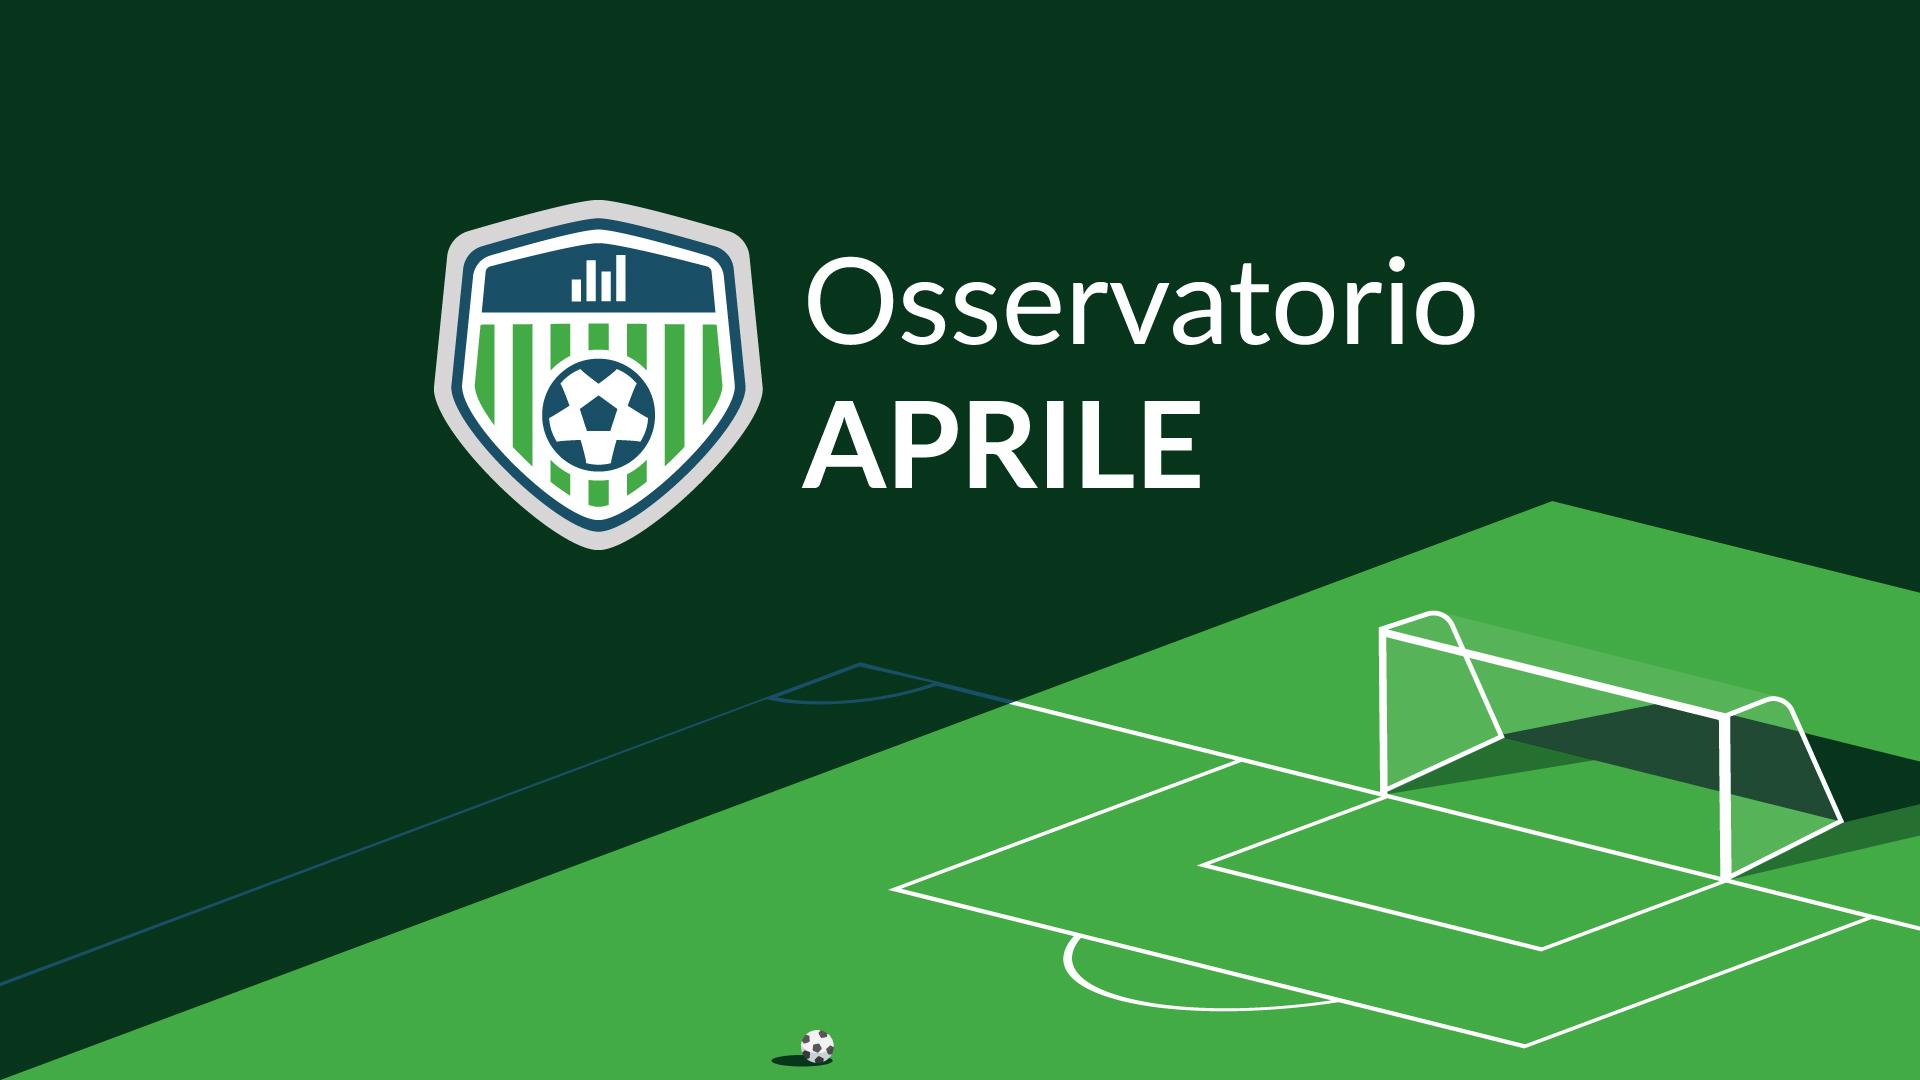 Osservatorio - Aprile 2019